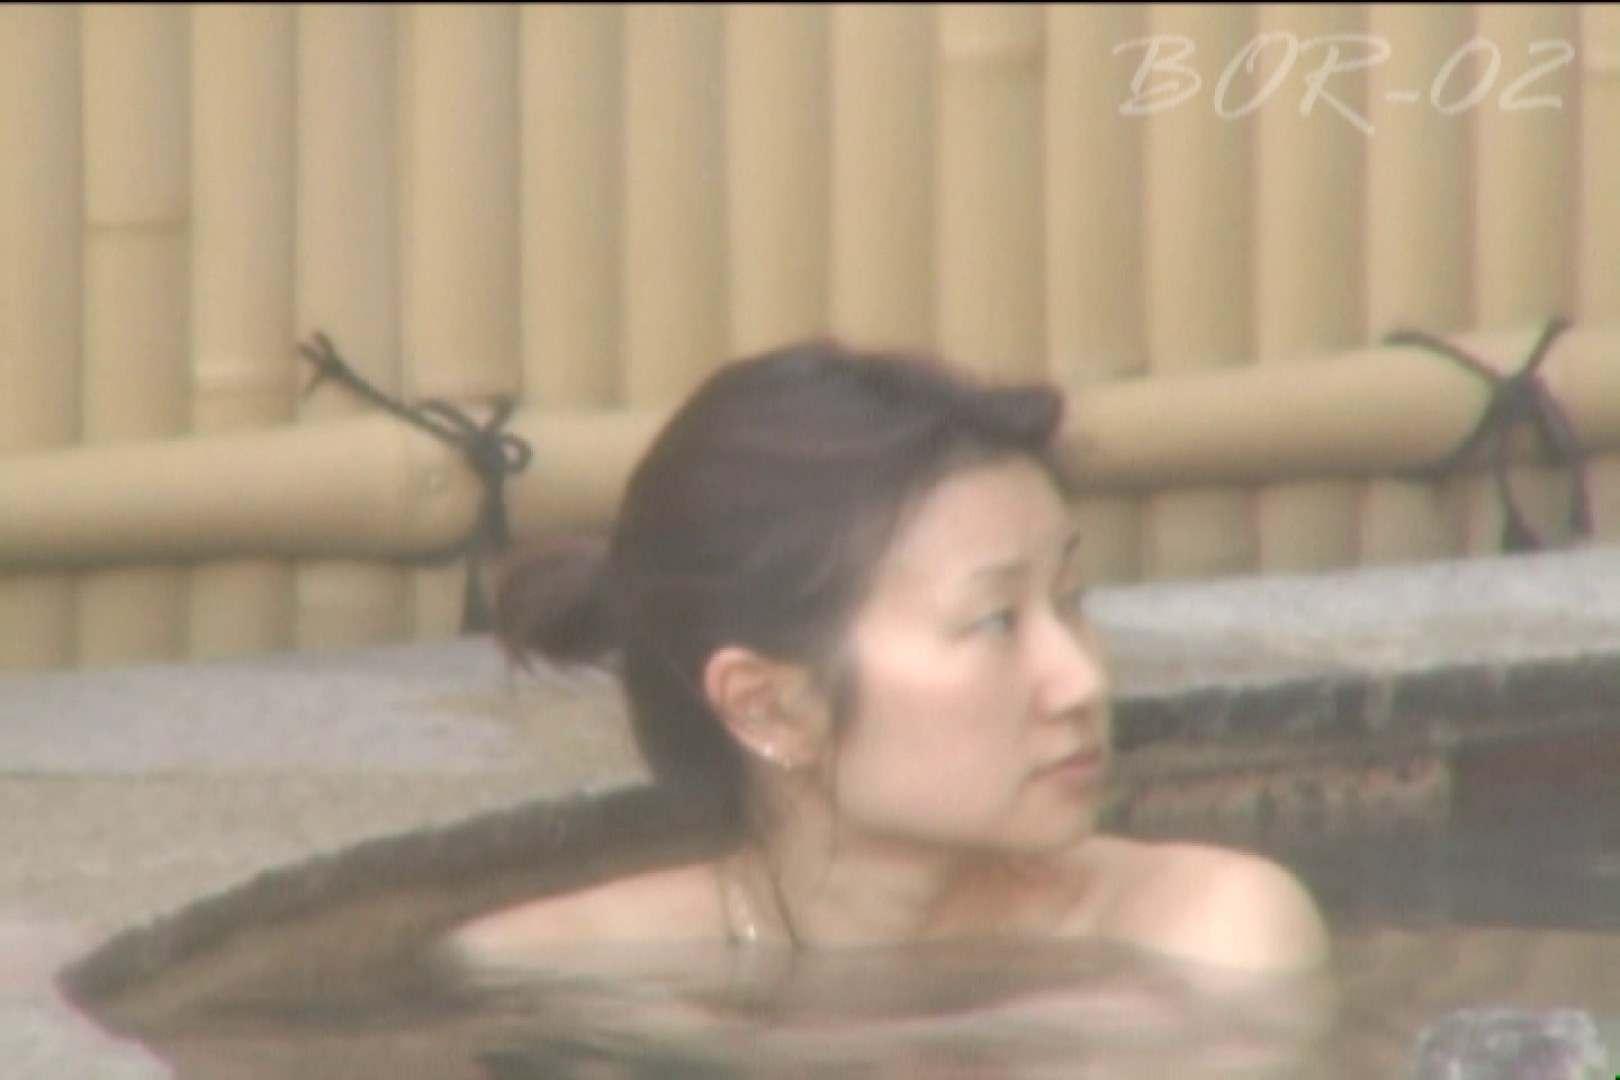 Aquaな露天風呂Vol.477 盗撮シリーズ  104PIX 6